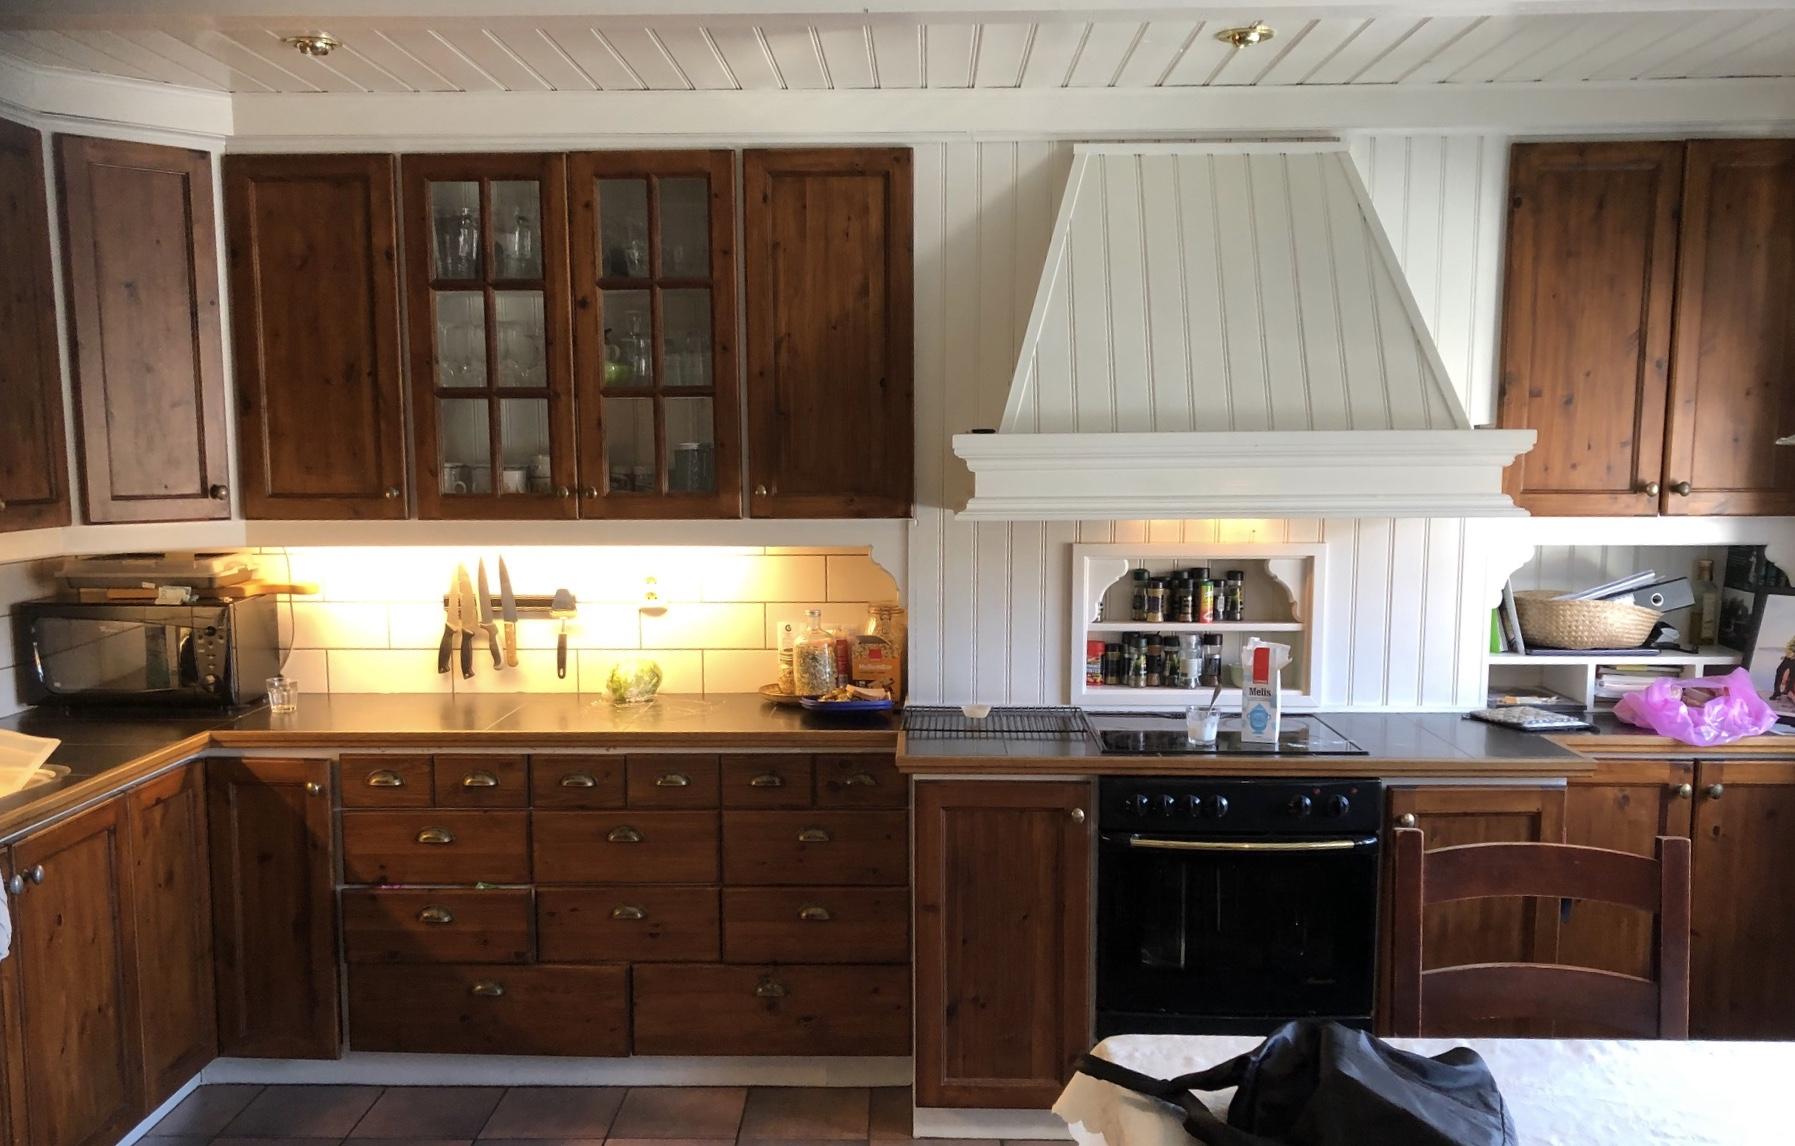 Kjøkkeninnretning før og etter 2